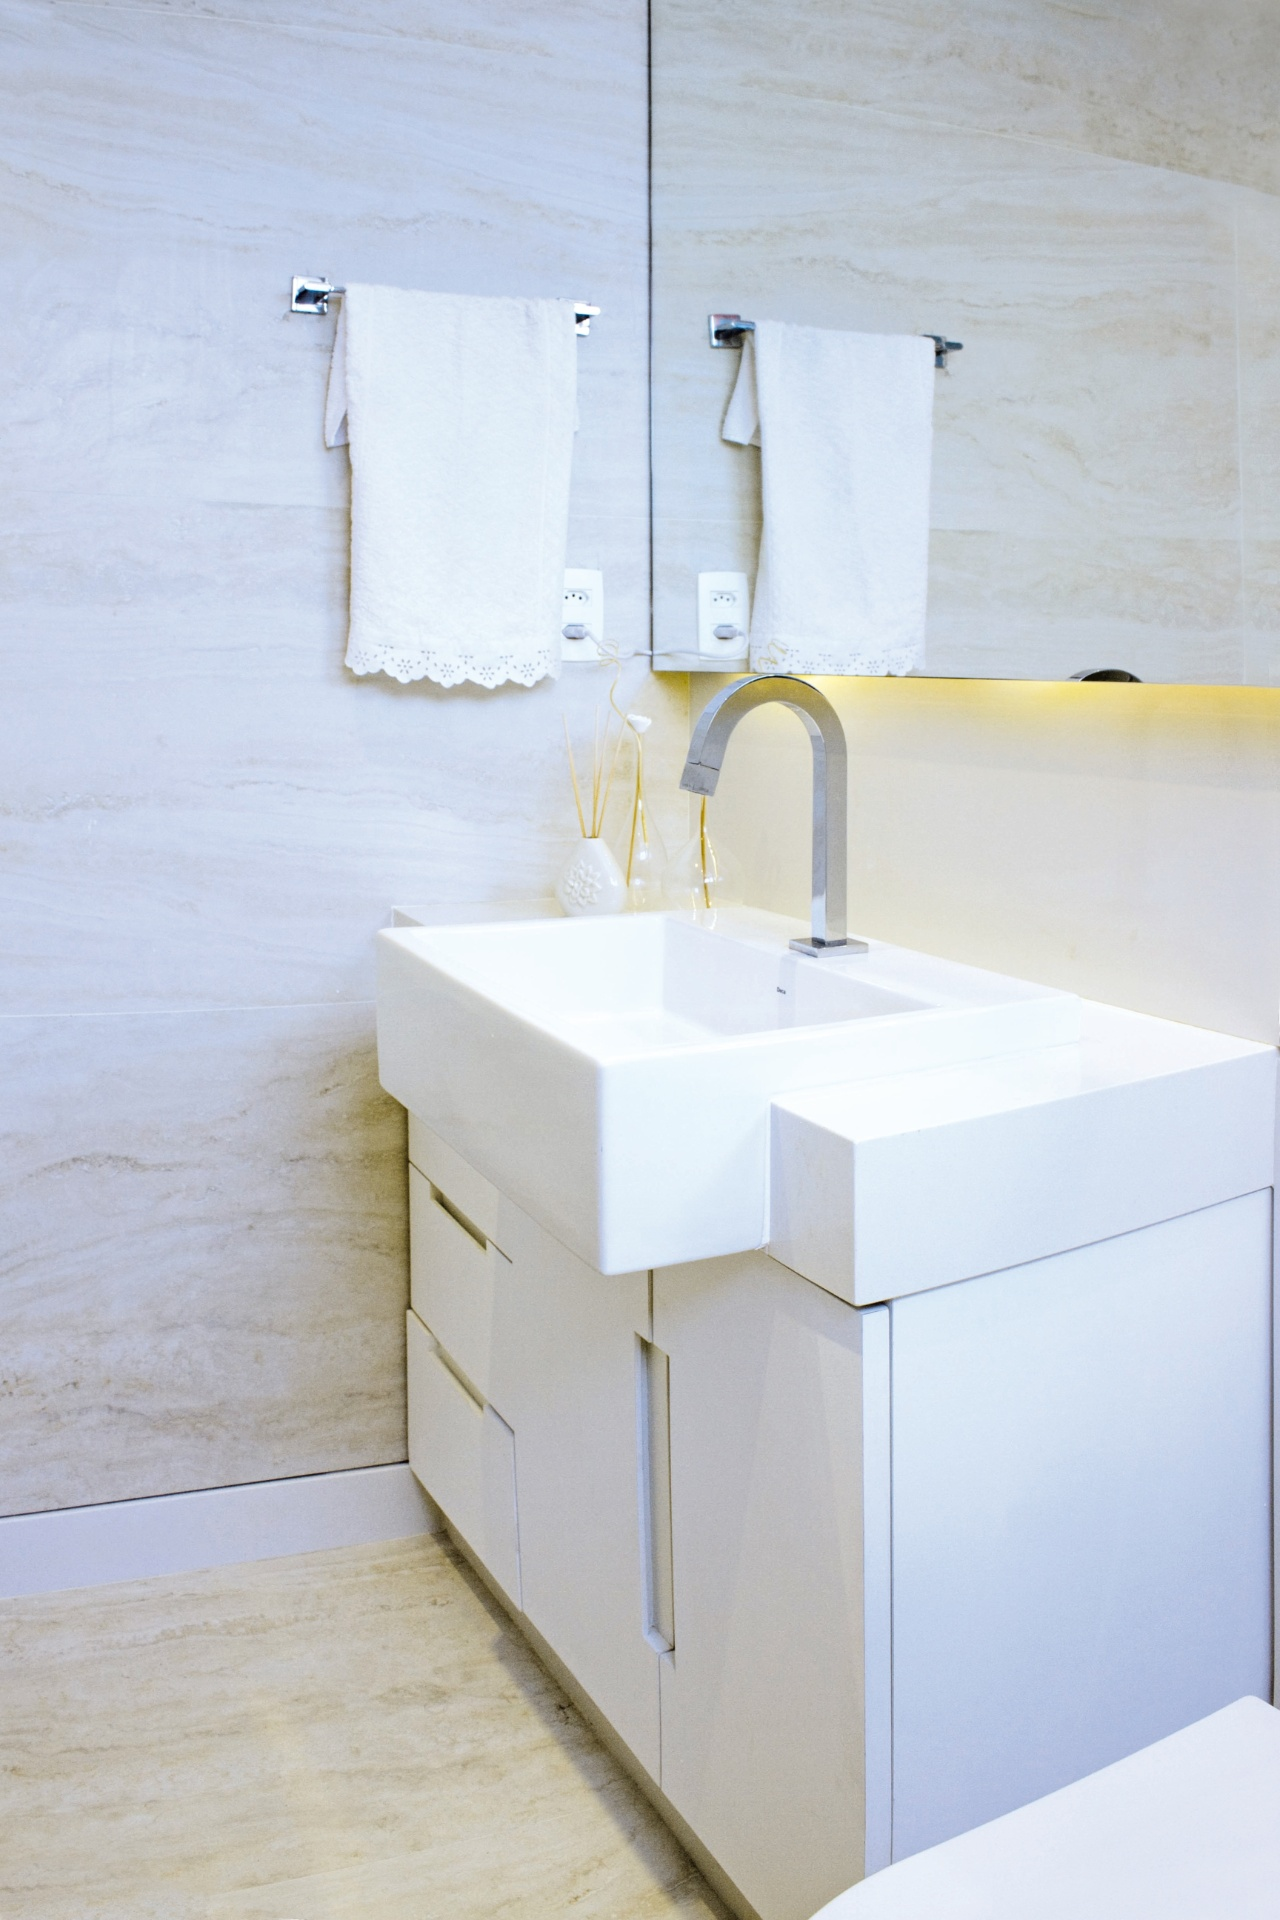 No banheiro da suíte a bancada é feita de superfície cristalizada  #5B5030 1280 1920